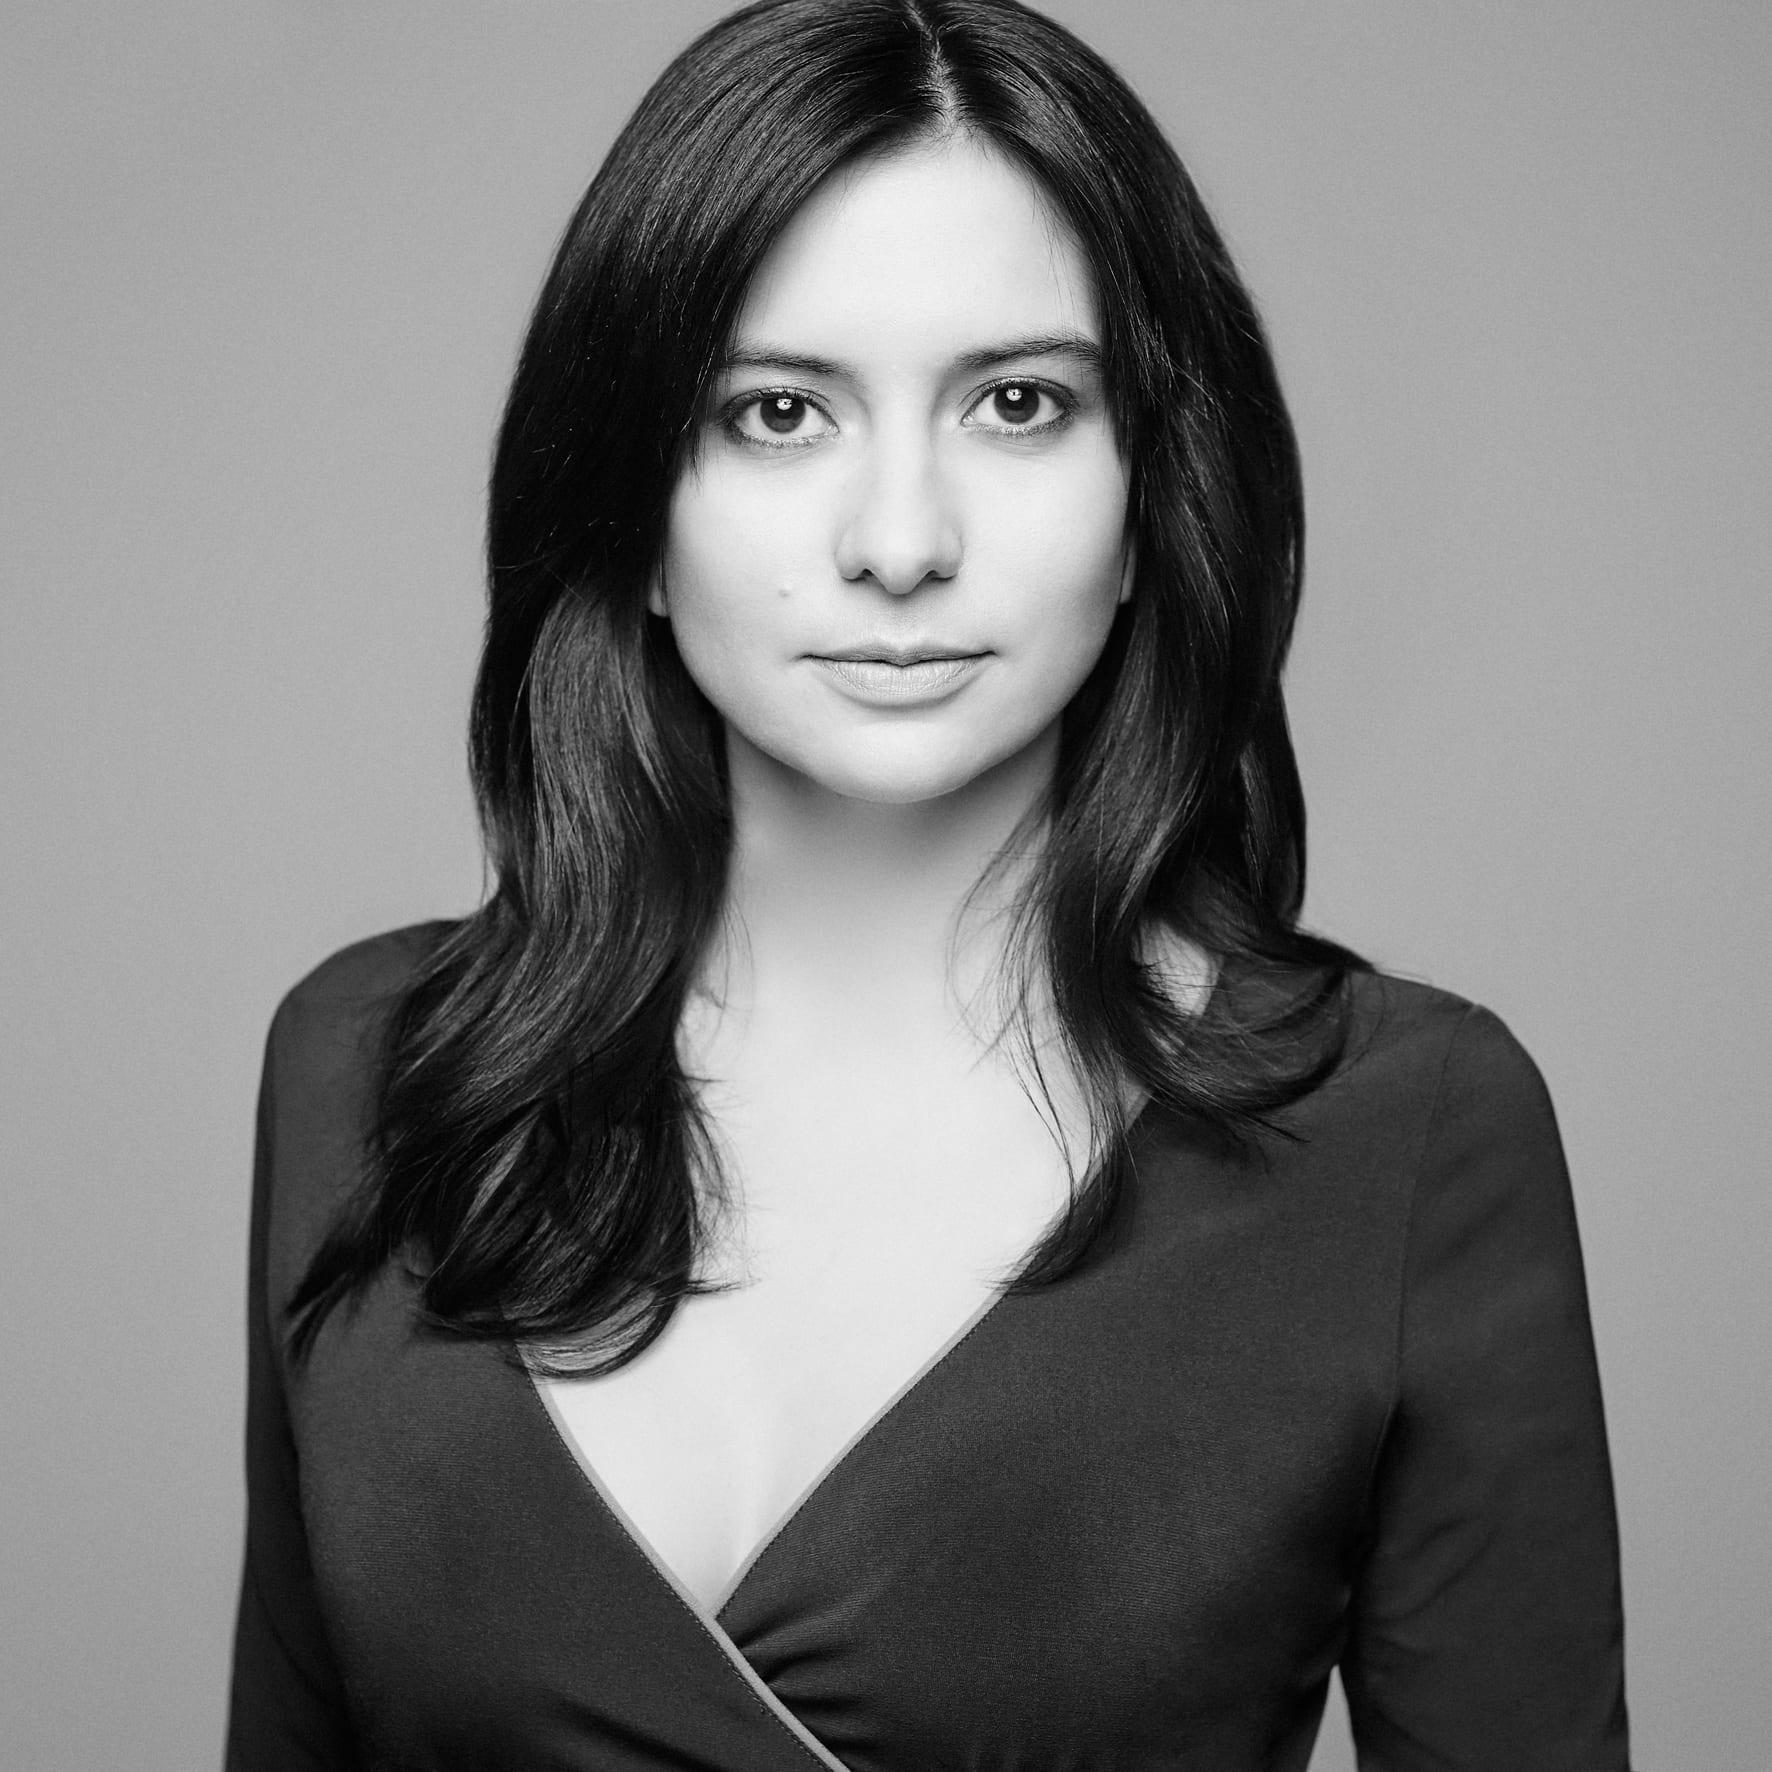 Delia Agúndez